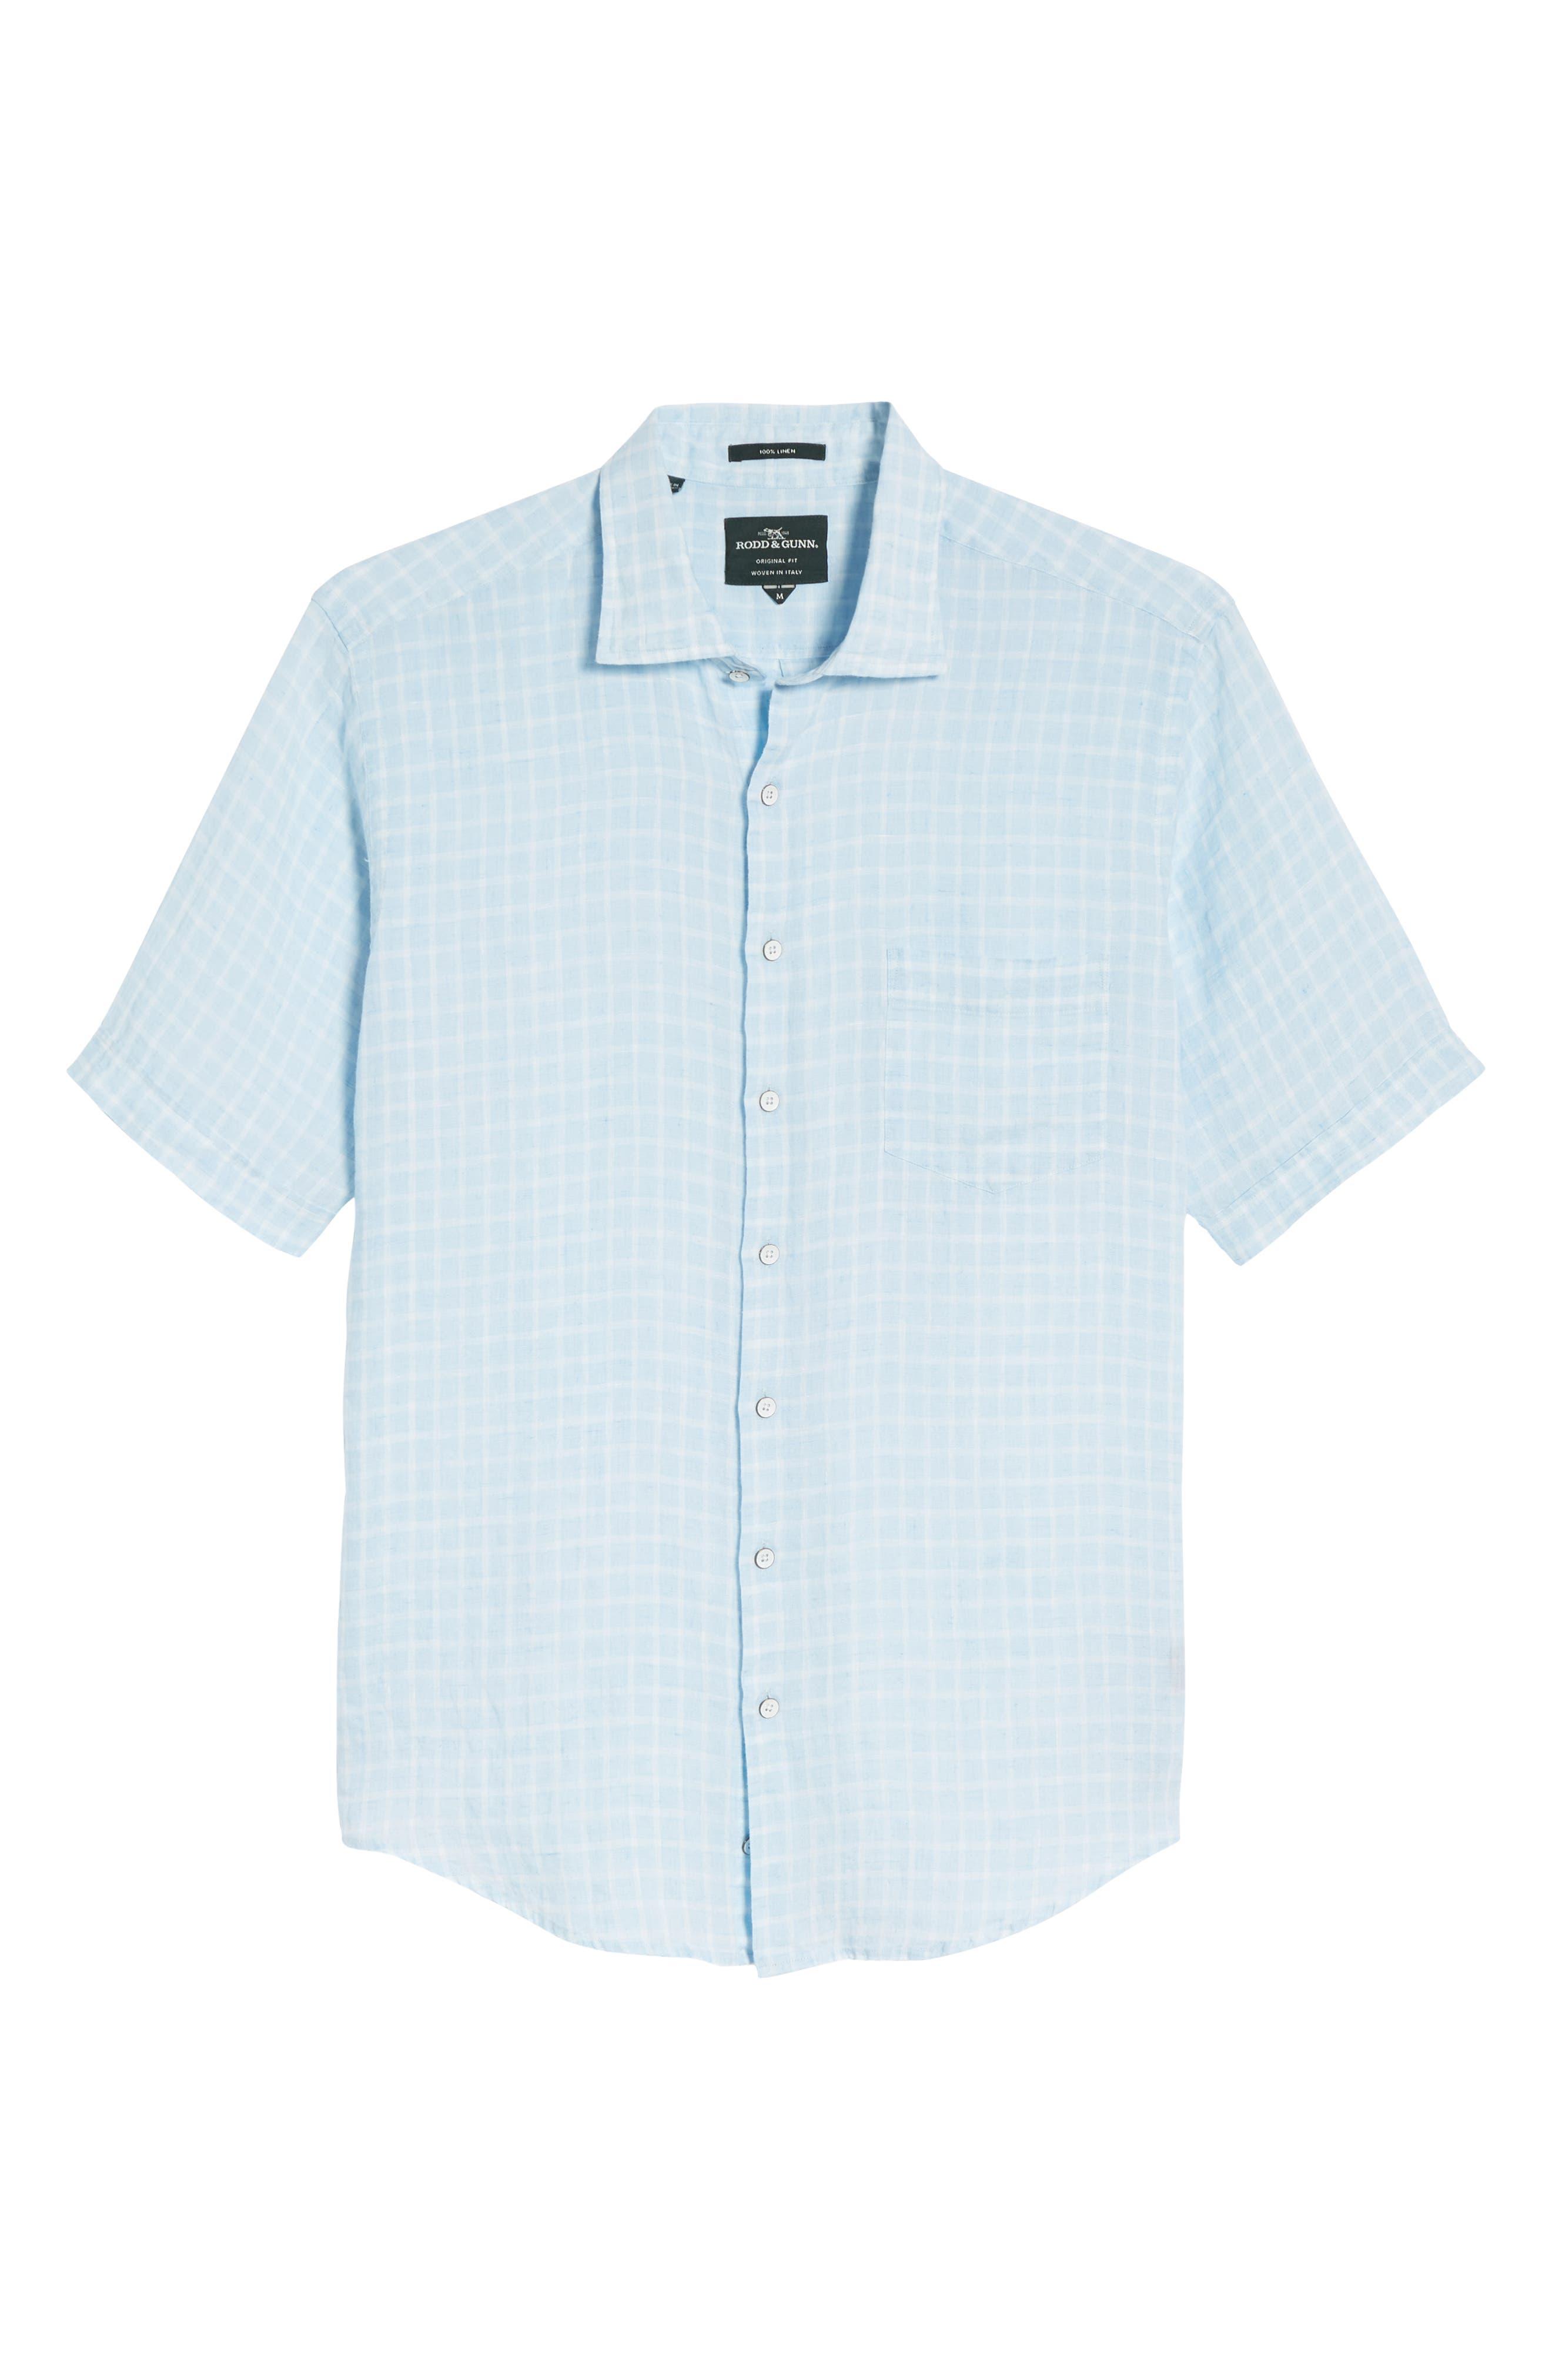 Avonside Check Linen Sport Shirt,                             Alternate thumbnail 6, color,                             Stonewash